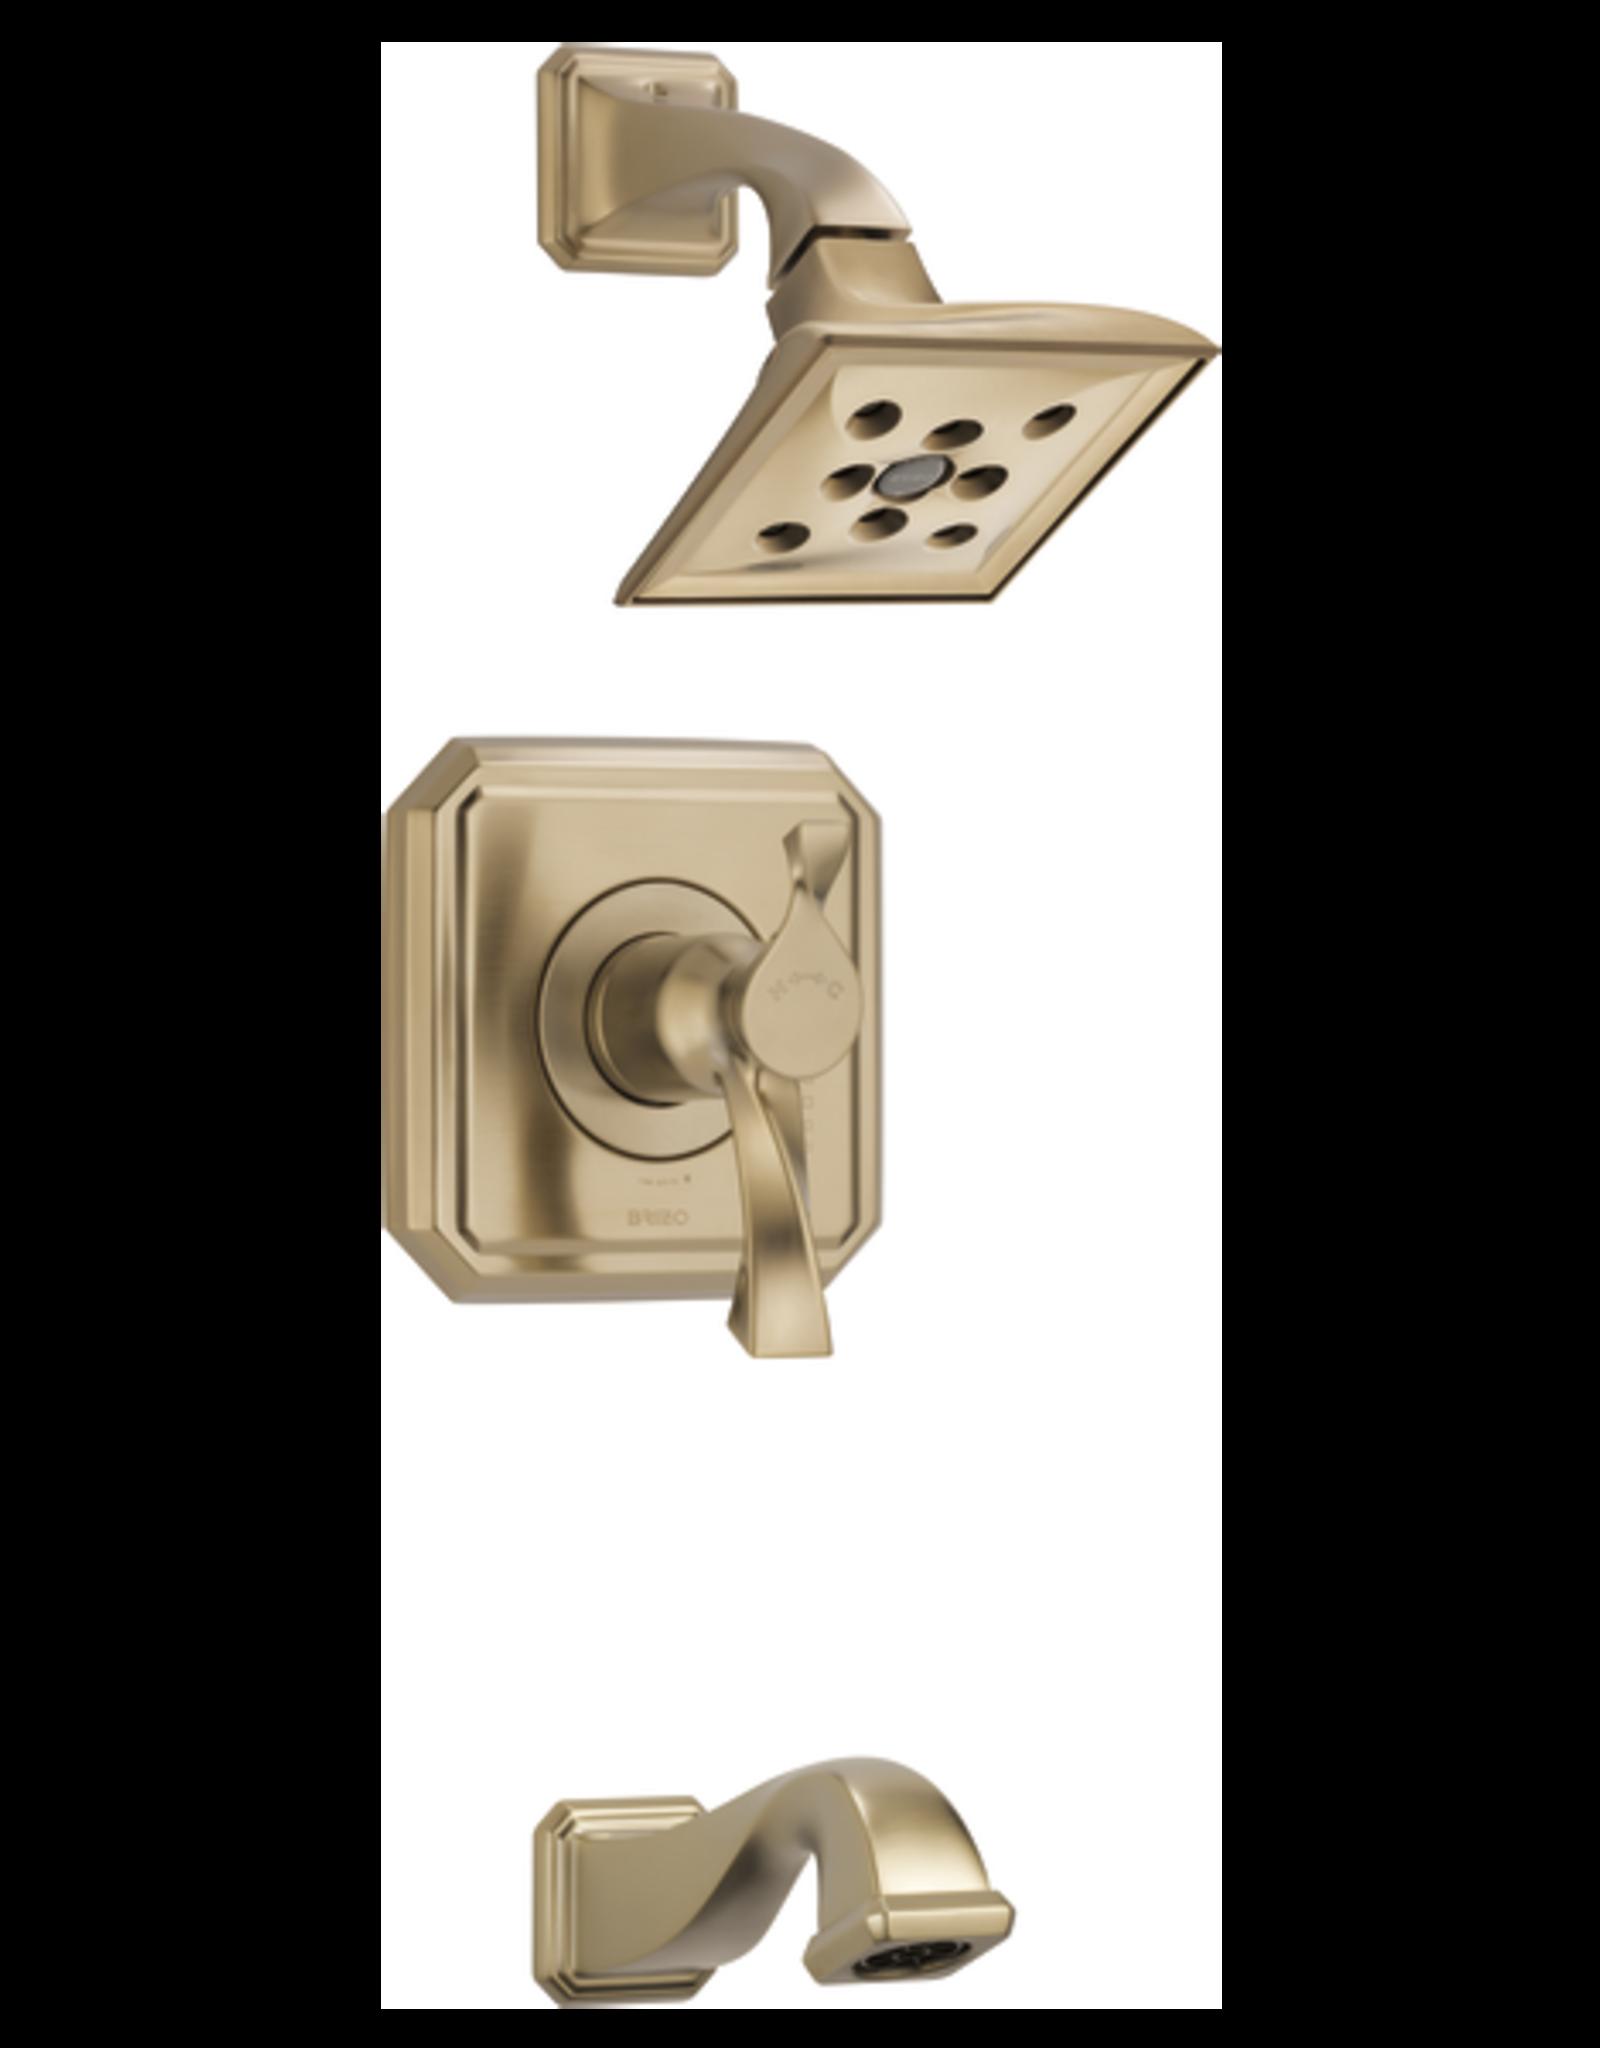 Brizo BRIZO VIRAGE - LUXE GOLD TEMPASSURE THERMOSTATIC TUB/SHOWER TRIM